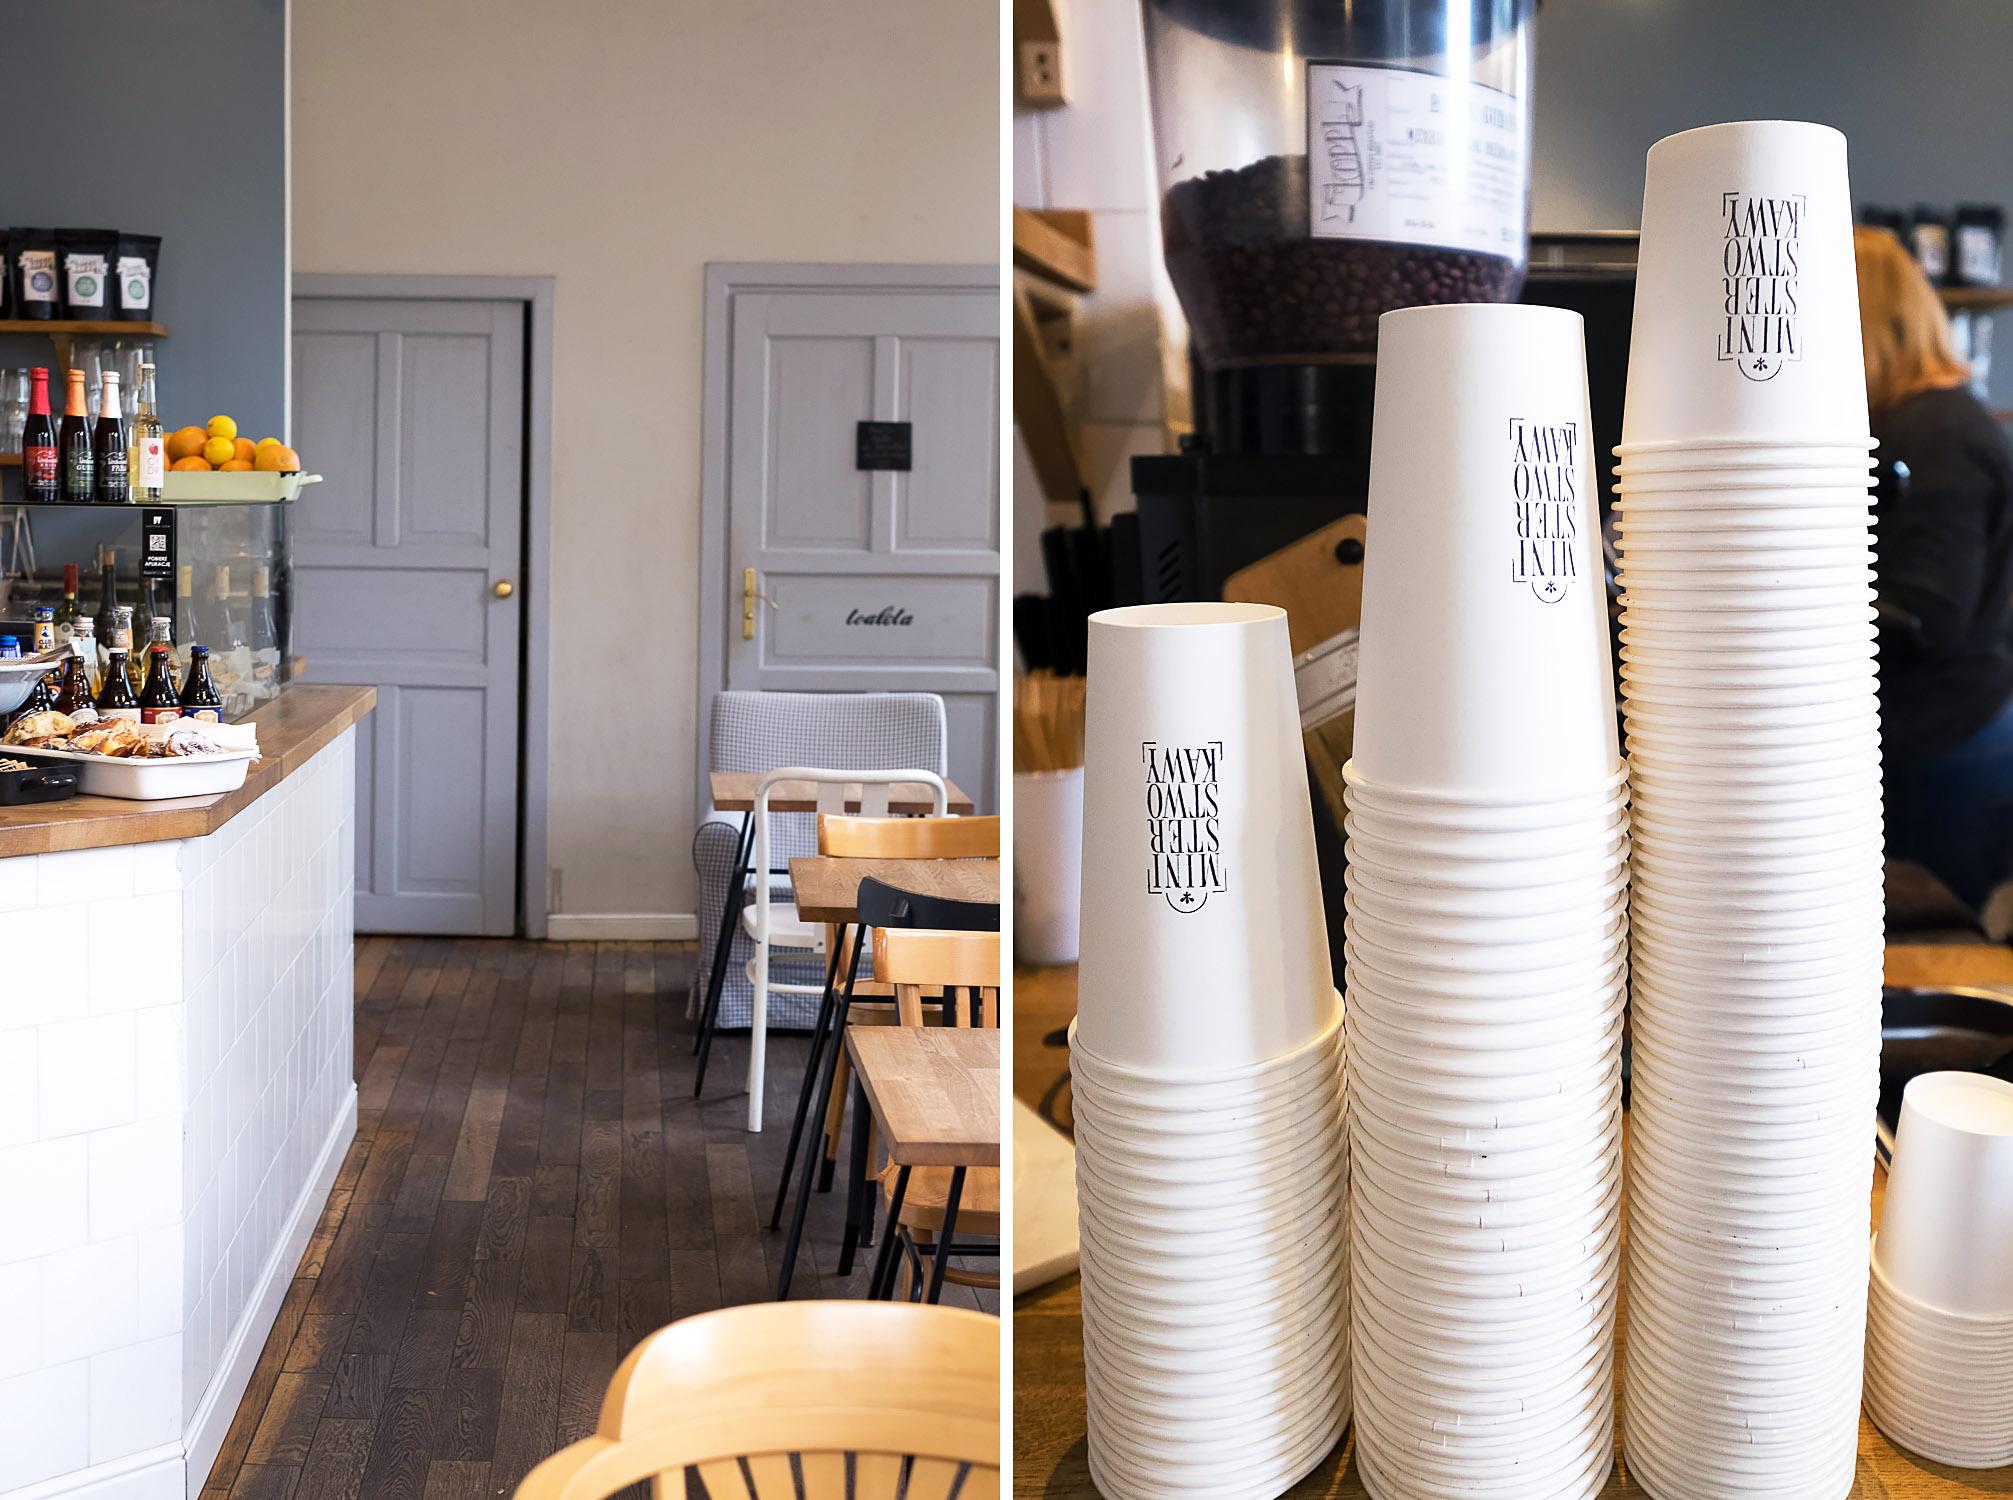 Ministerstwo Kawy coffee shop in Warsaw, Poland